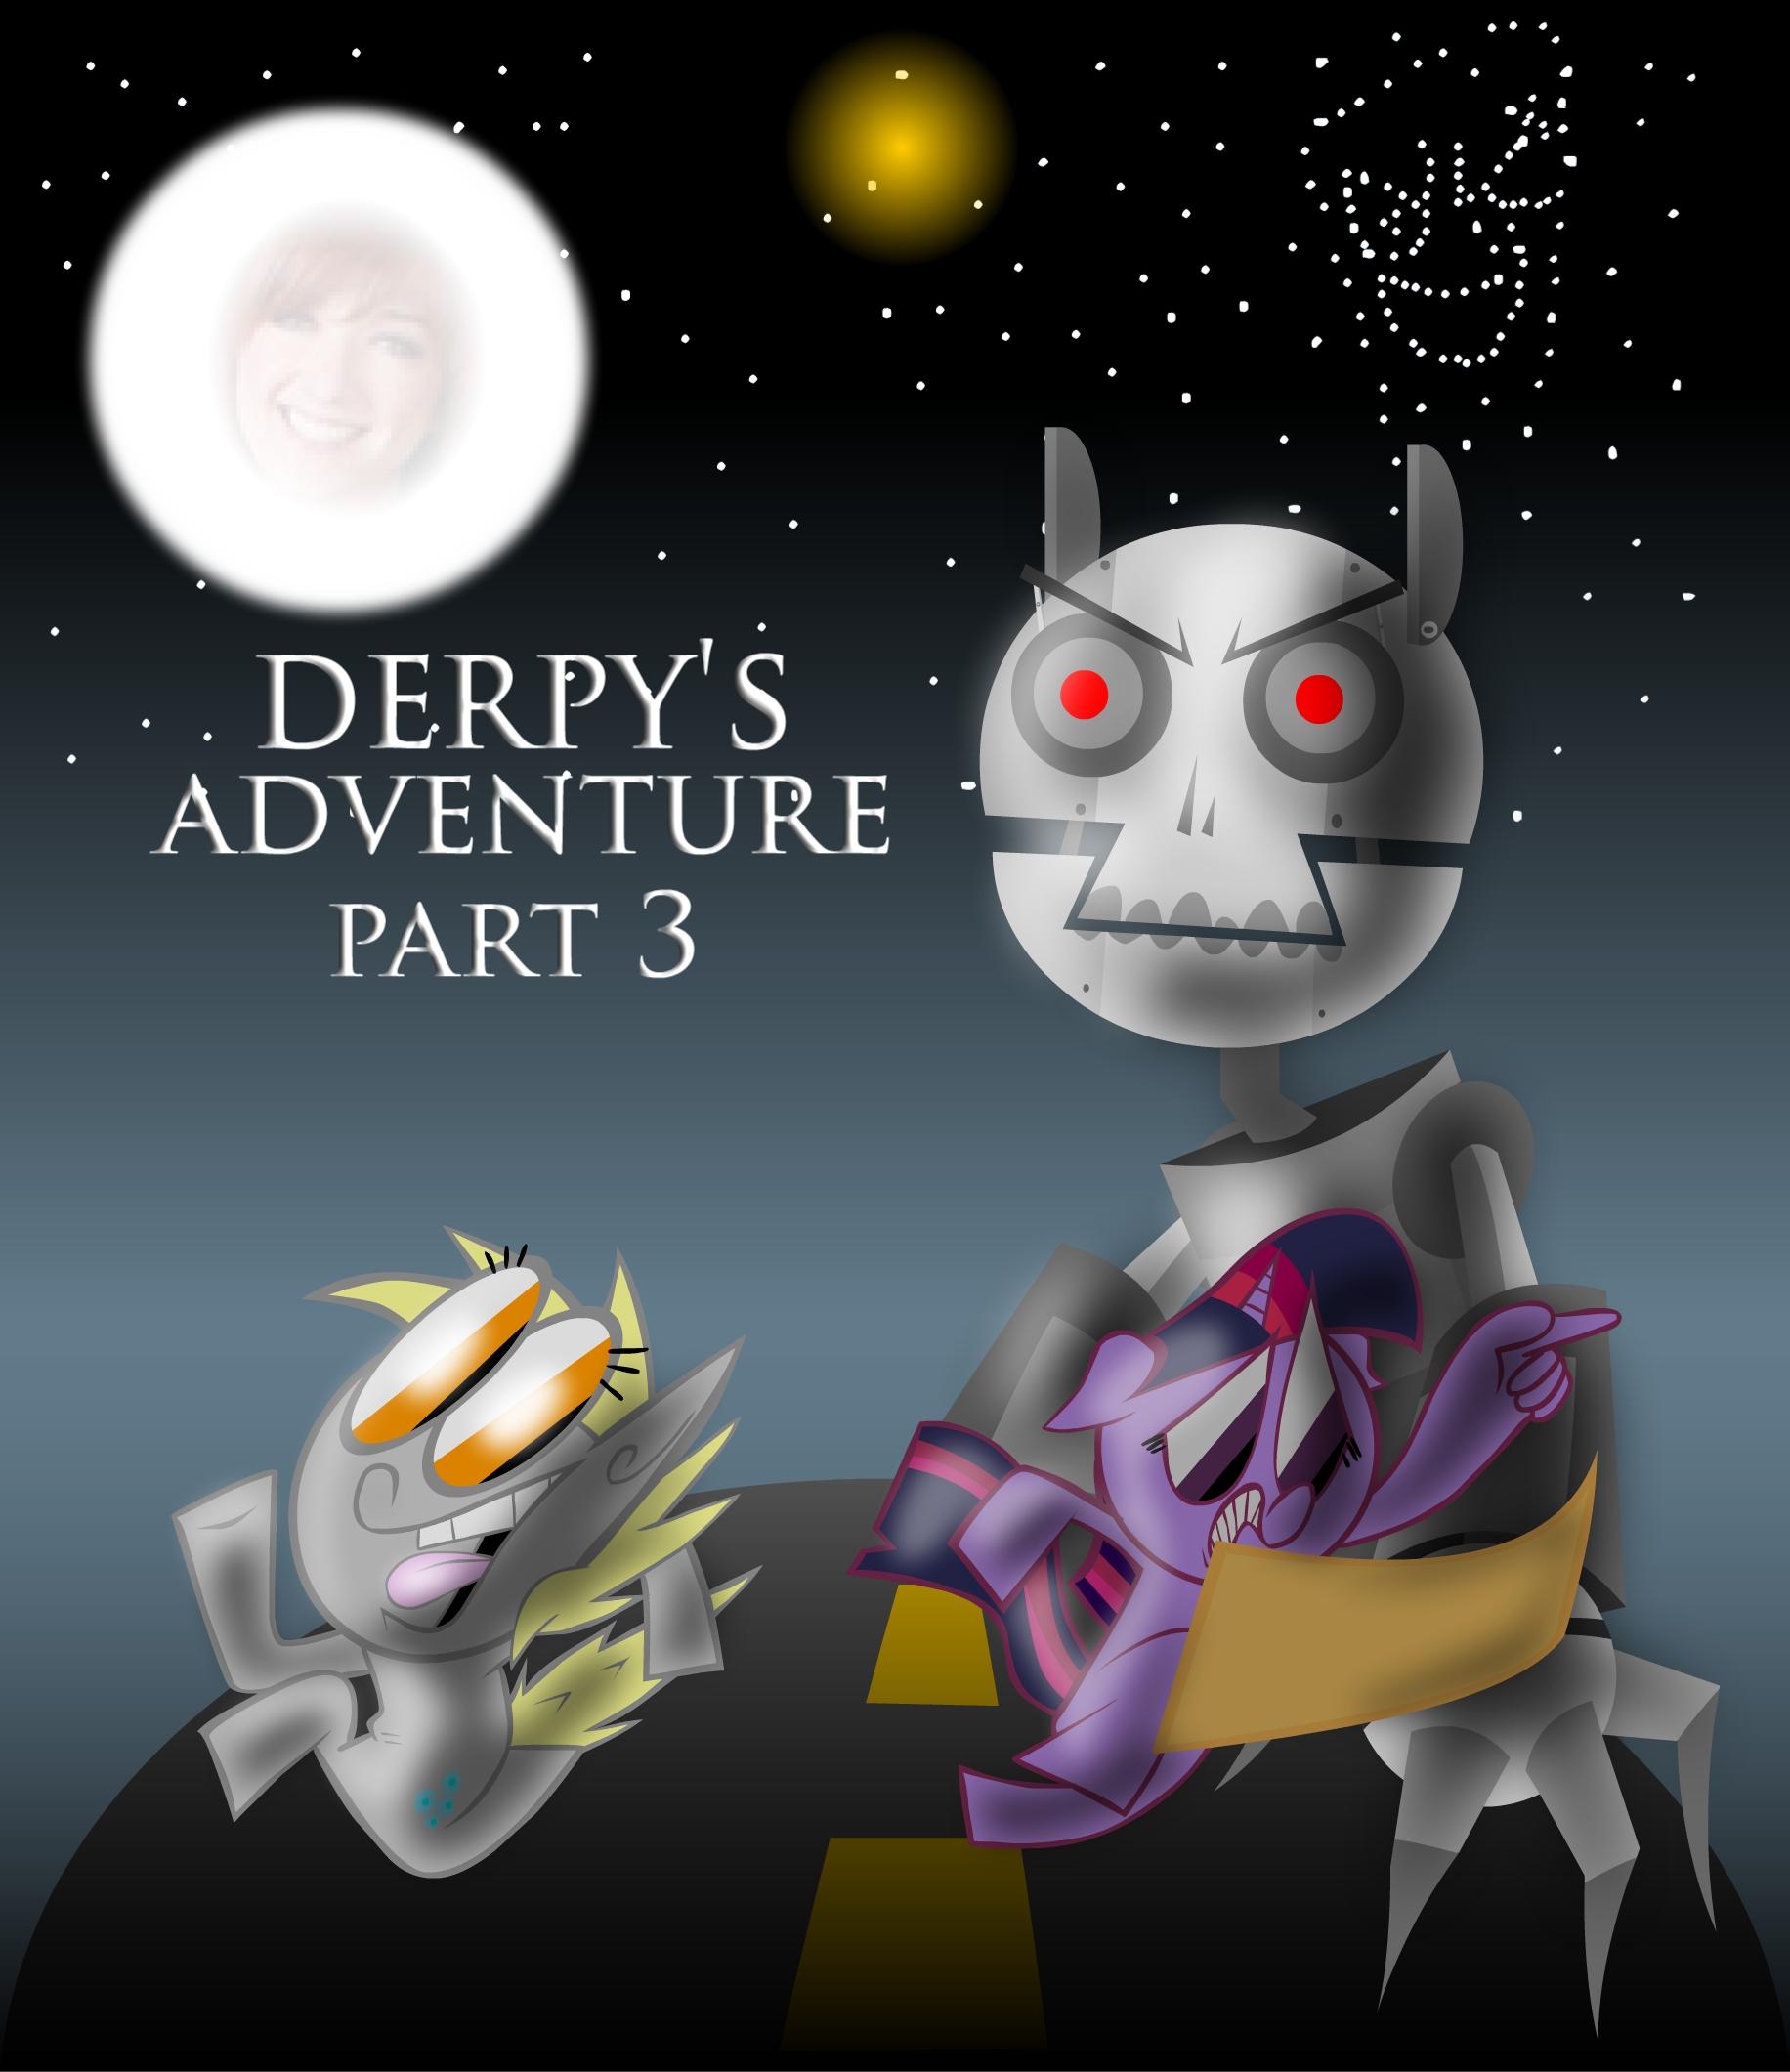 derpy's adventure 3 poster